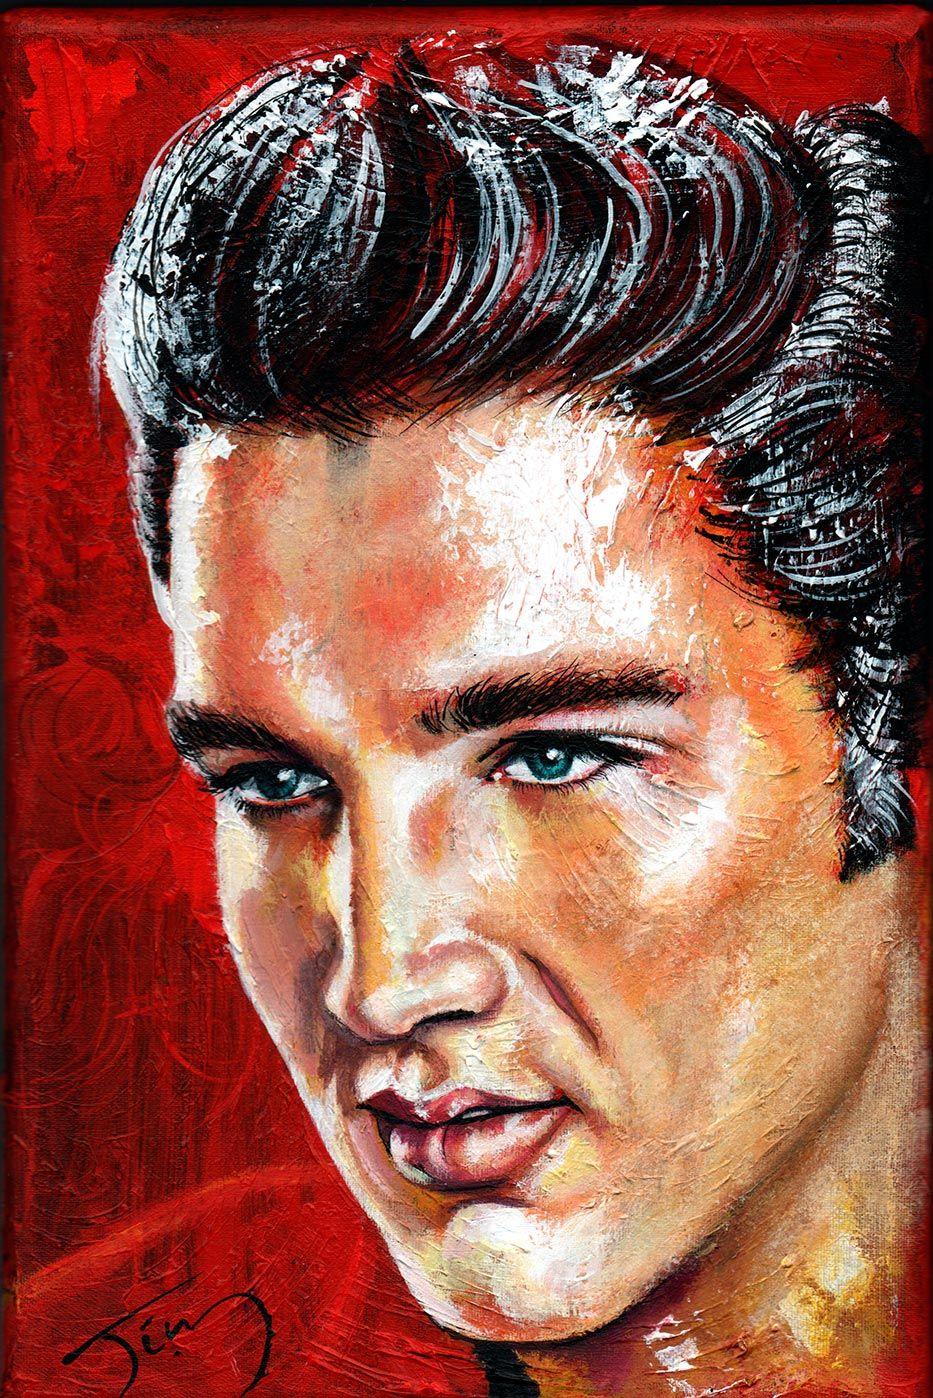 Elvis Presley Portrait  Canvas Wall Art Picture Print ~ VARIOUS SIZES